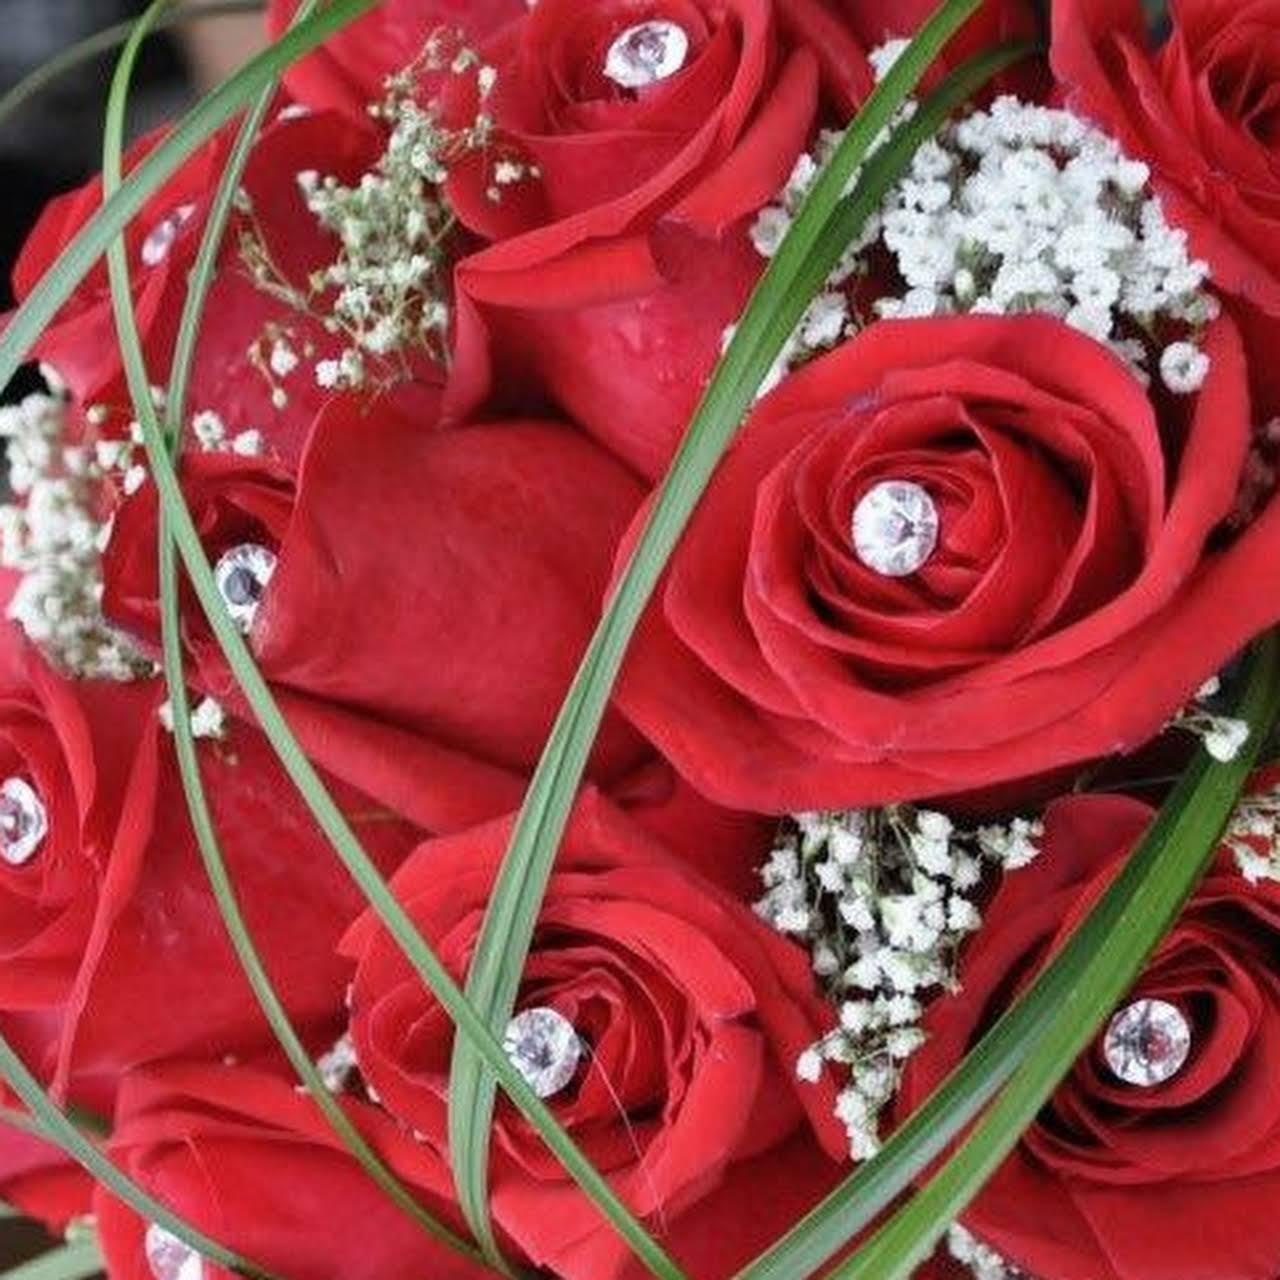 Bouquet De Fleur Pour St Valentin miya fleuriste florist - florist in montreal